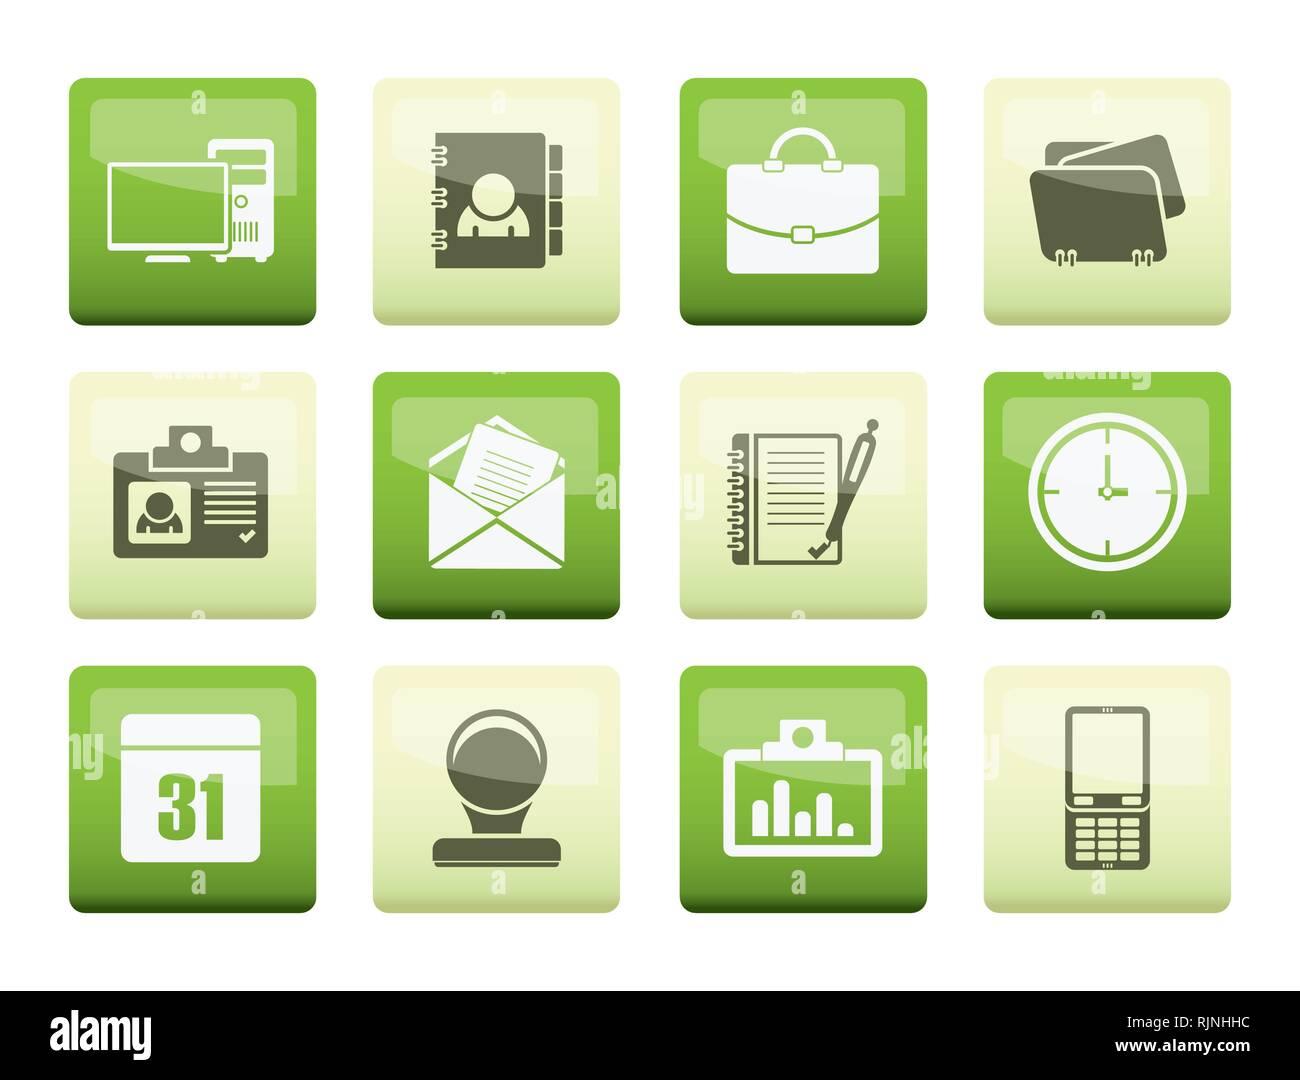 Aplicaciones Web, Empresa y Oficina iconos, iconos universales sobre el color de fondo vector - conjunto de iconos Imagen De Stock